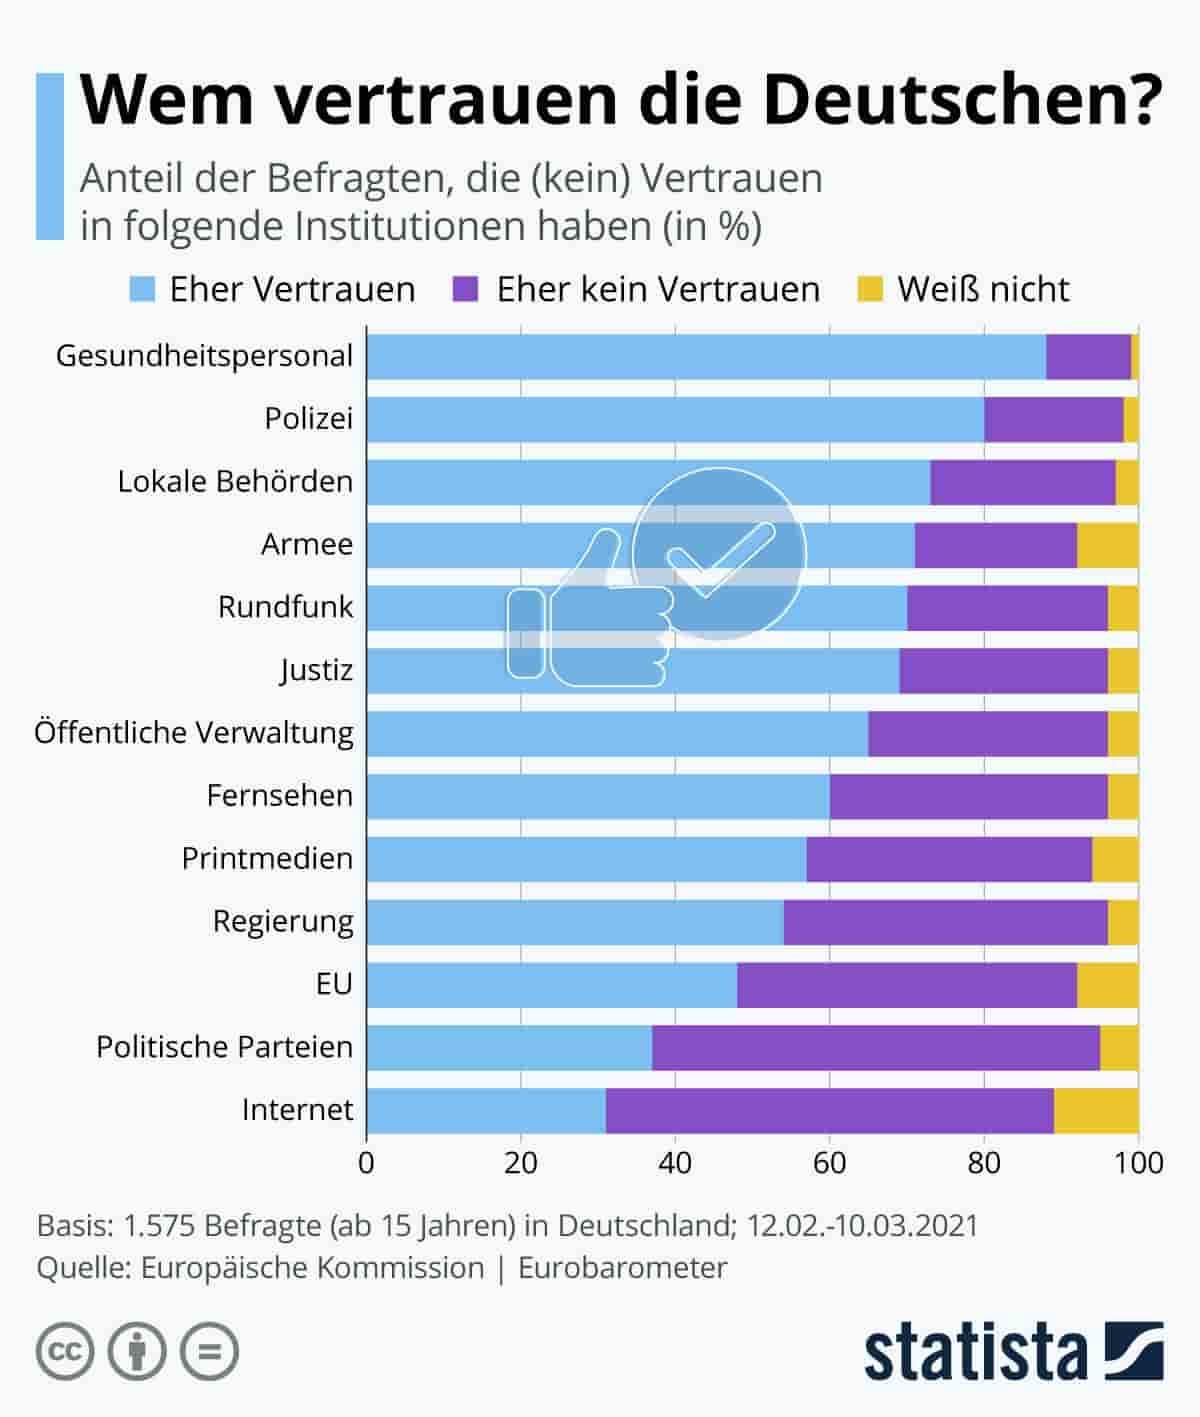 WEm die Deutschen vertrauen